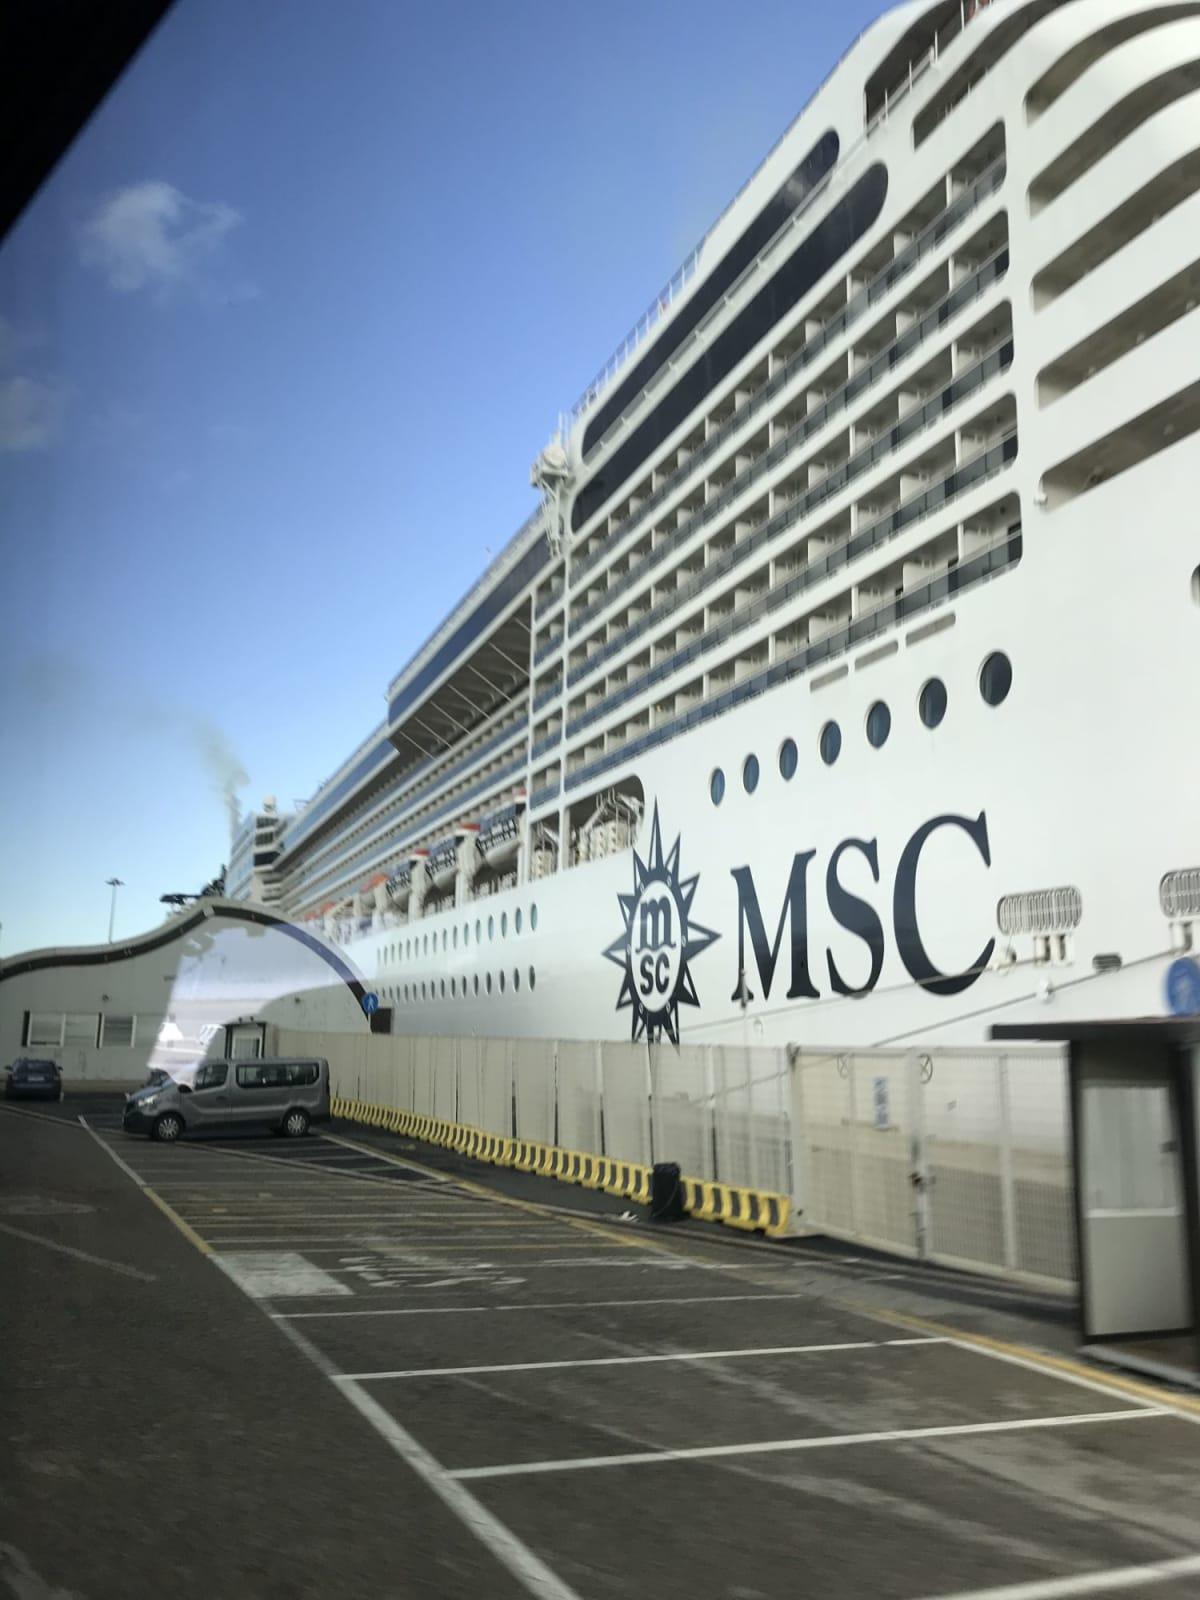 乗船前。 大きすぎて全体が収まりません(^_^; | 客船MSCシービューの外観